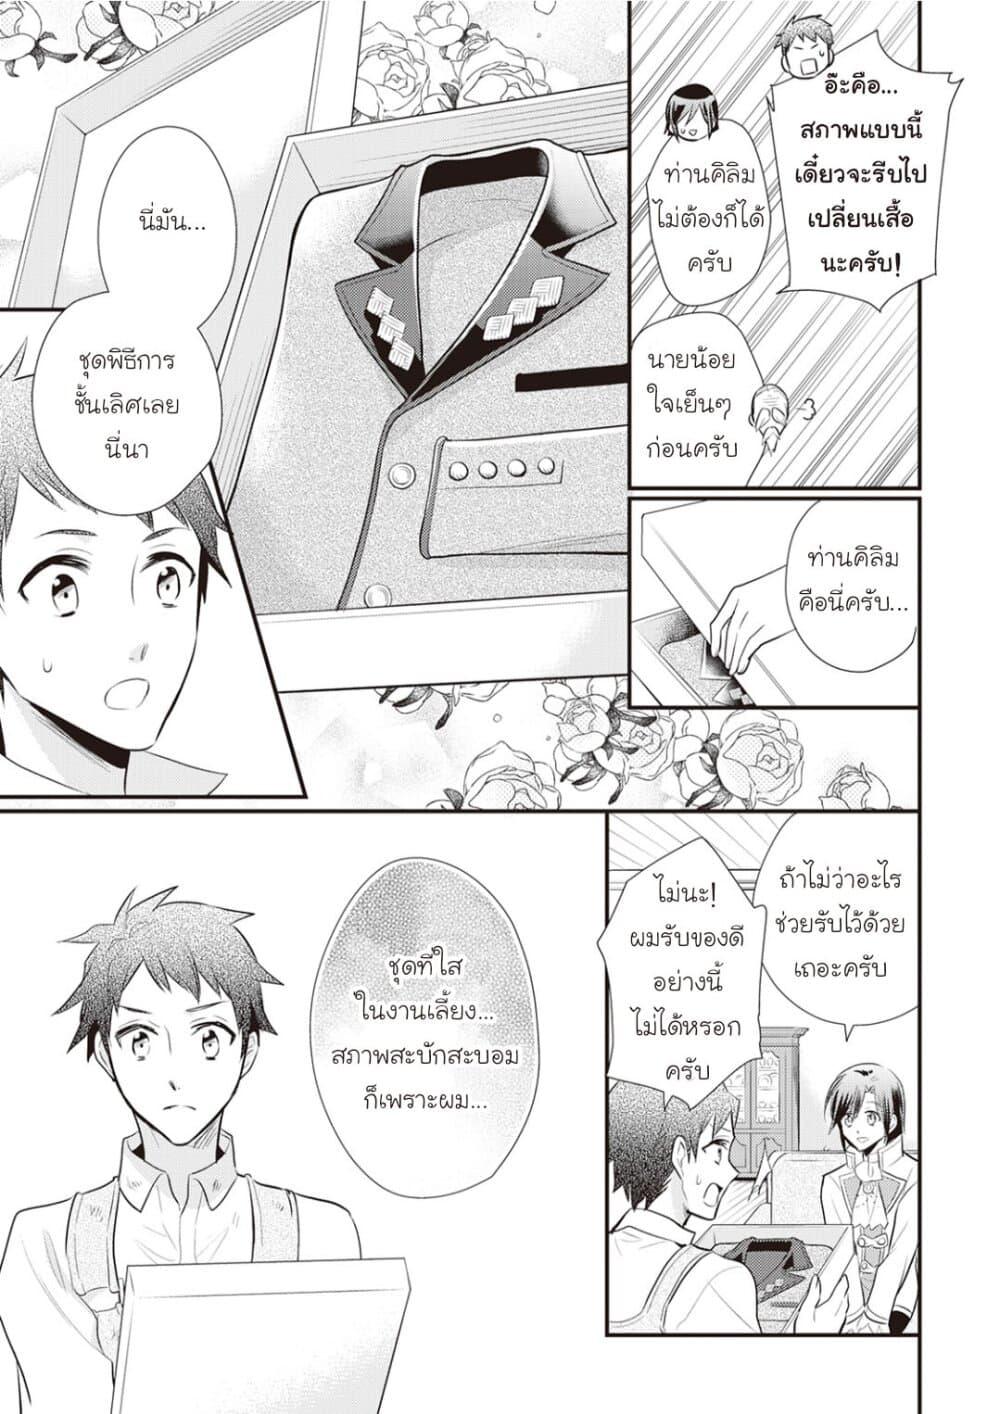 อ่านการ์ตูน Daites Ryou Koubouki ตอนที่ 23 หน้าที่ 13